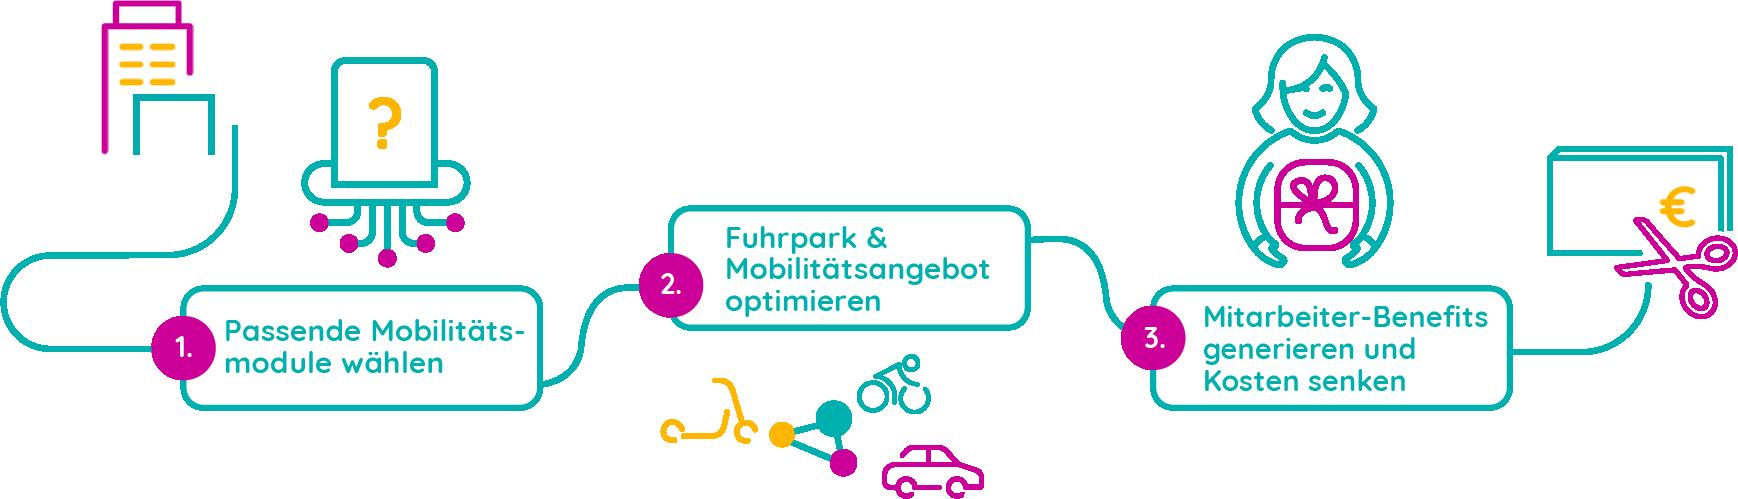 Better Mobility - Mobilitätstreiber - Das Unternehmen